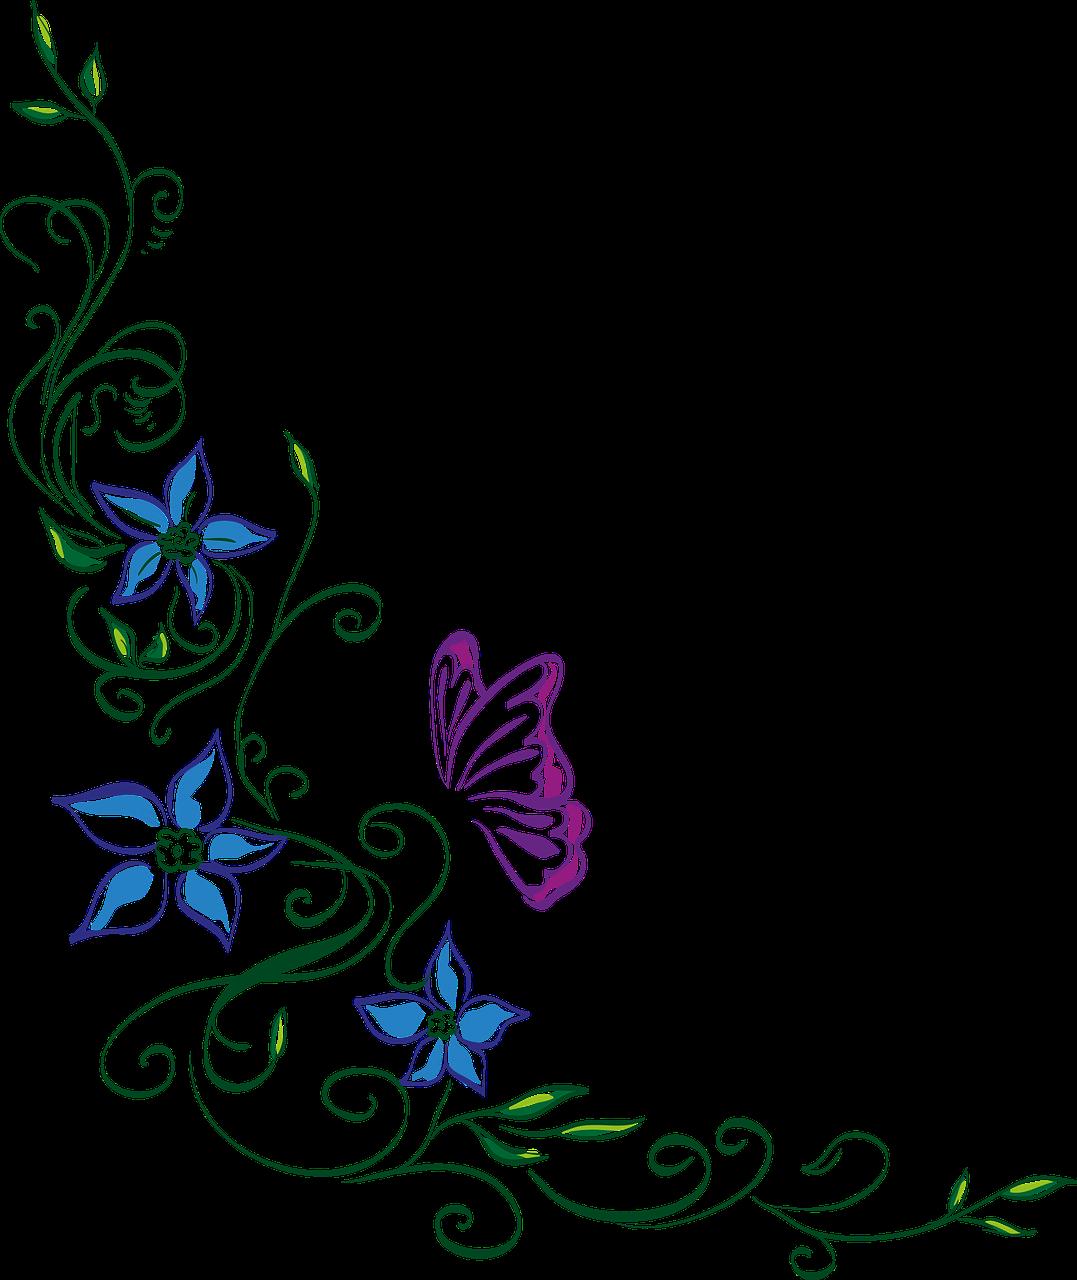 Gėlių ornamentas,gėlė,drugelis,gamta,vasara - nemokamos nuotraukos. Mediakatalogas.lt